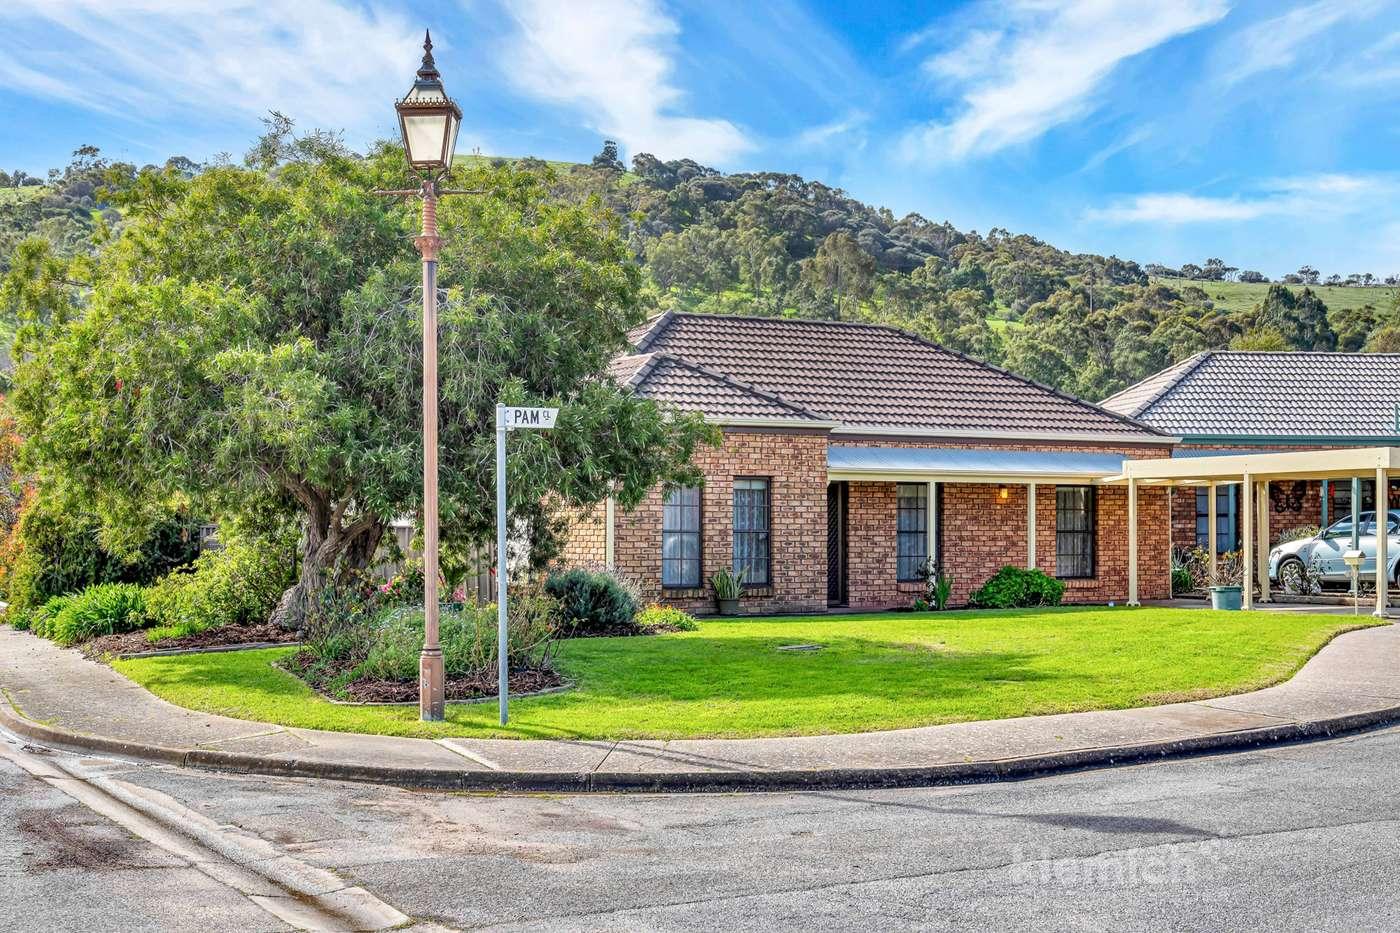 Main view of Homely house listing, 1/3 Pam Close, Yankalilla, SA 5203